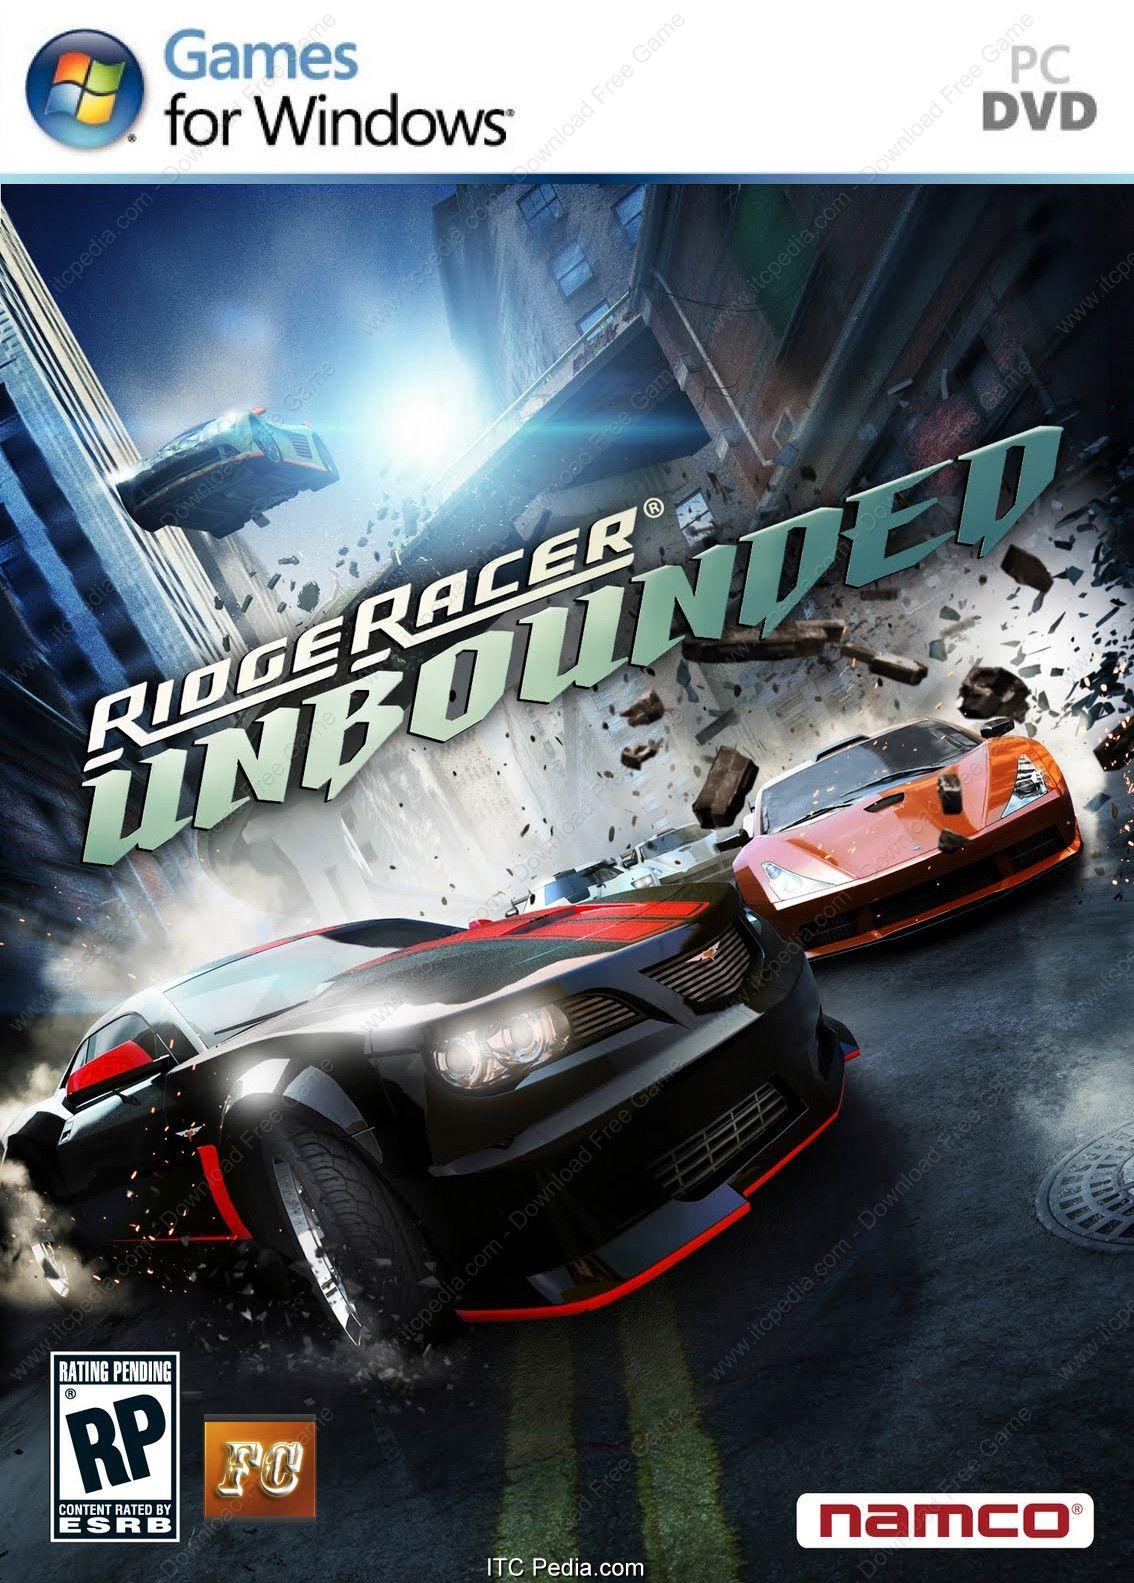 http://2.bp.blogspot.com/-DNruTT1ZcJo/T3ZwYcXf0HI/AAAAAAAAGiI/6eHGIs6RATg/s1600/ridge+racer+unbounded+pc+download.jpg